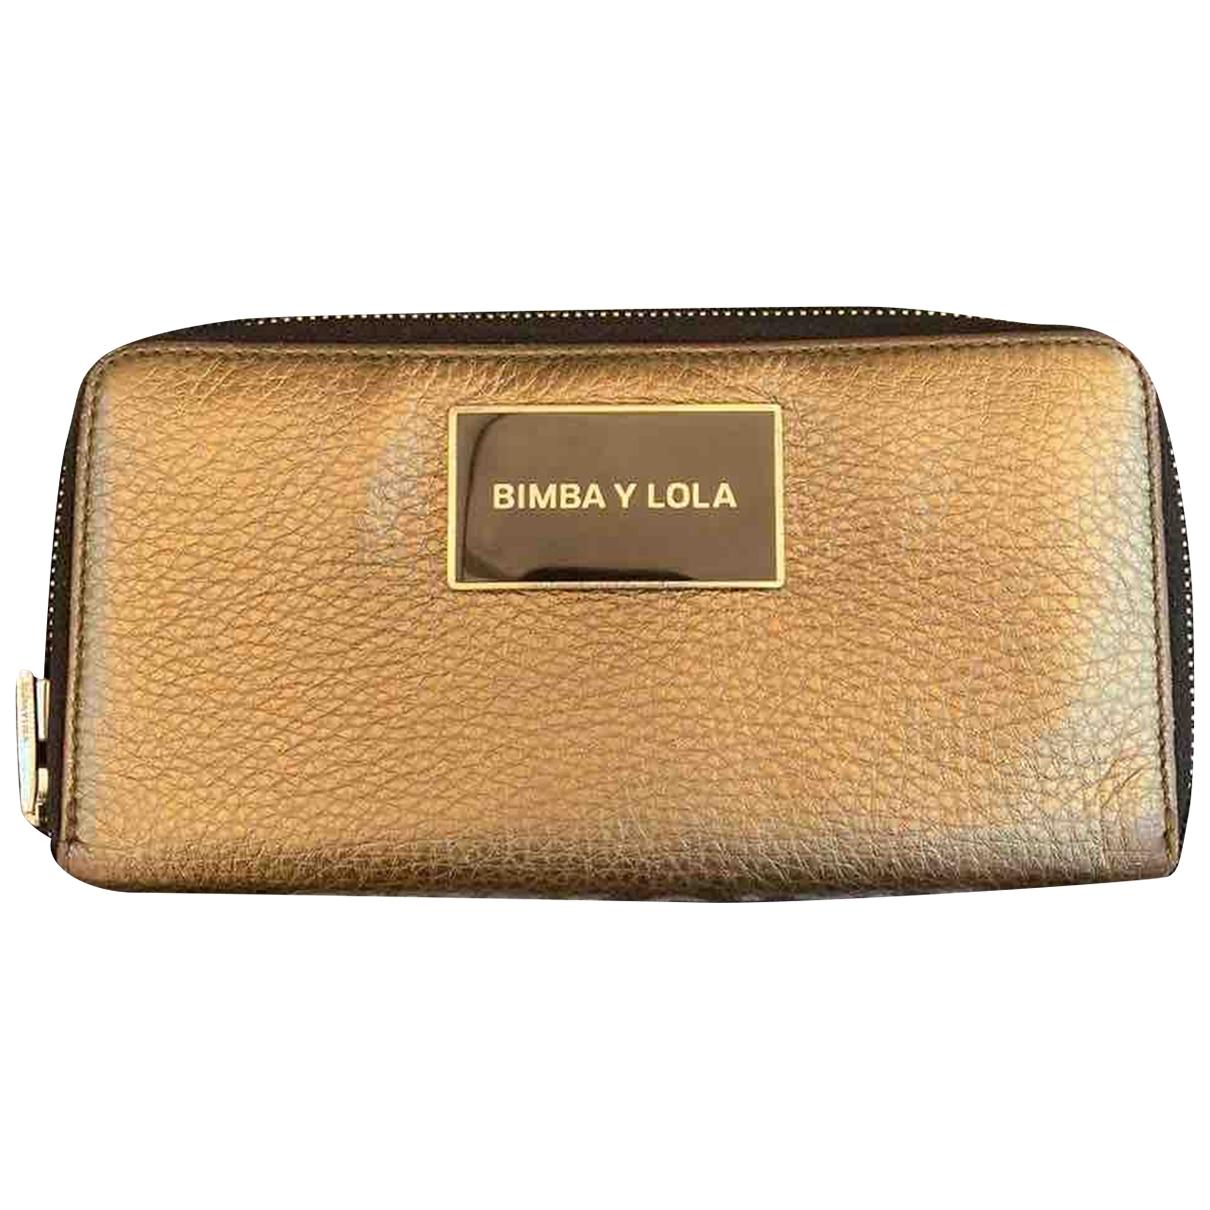 Bimba Y Lola - Portefeuille   pour femme en cuir - dore